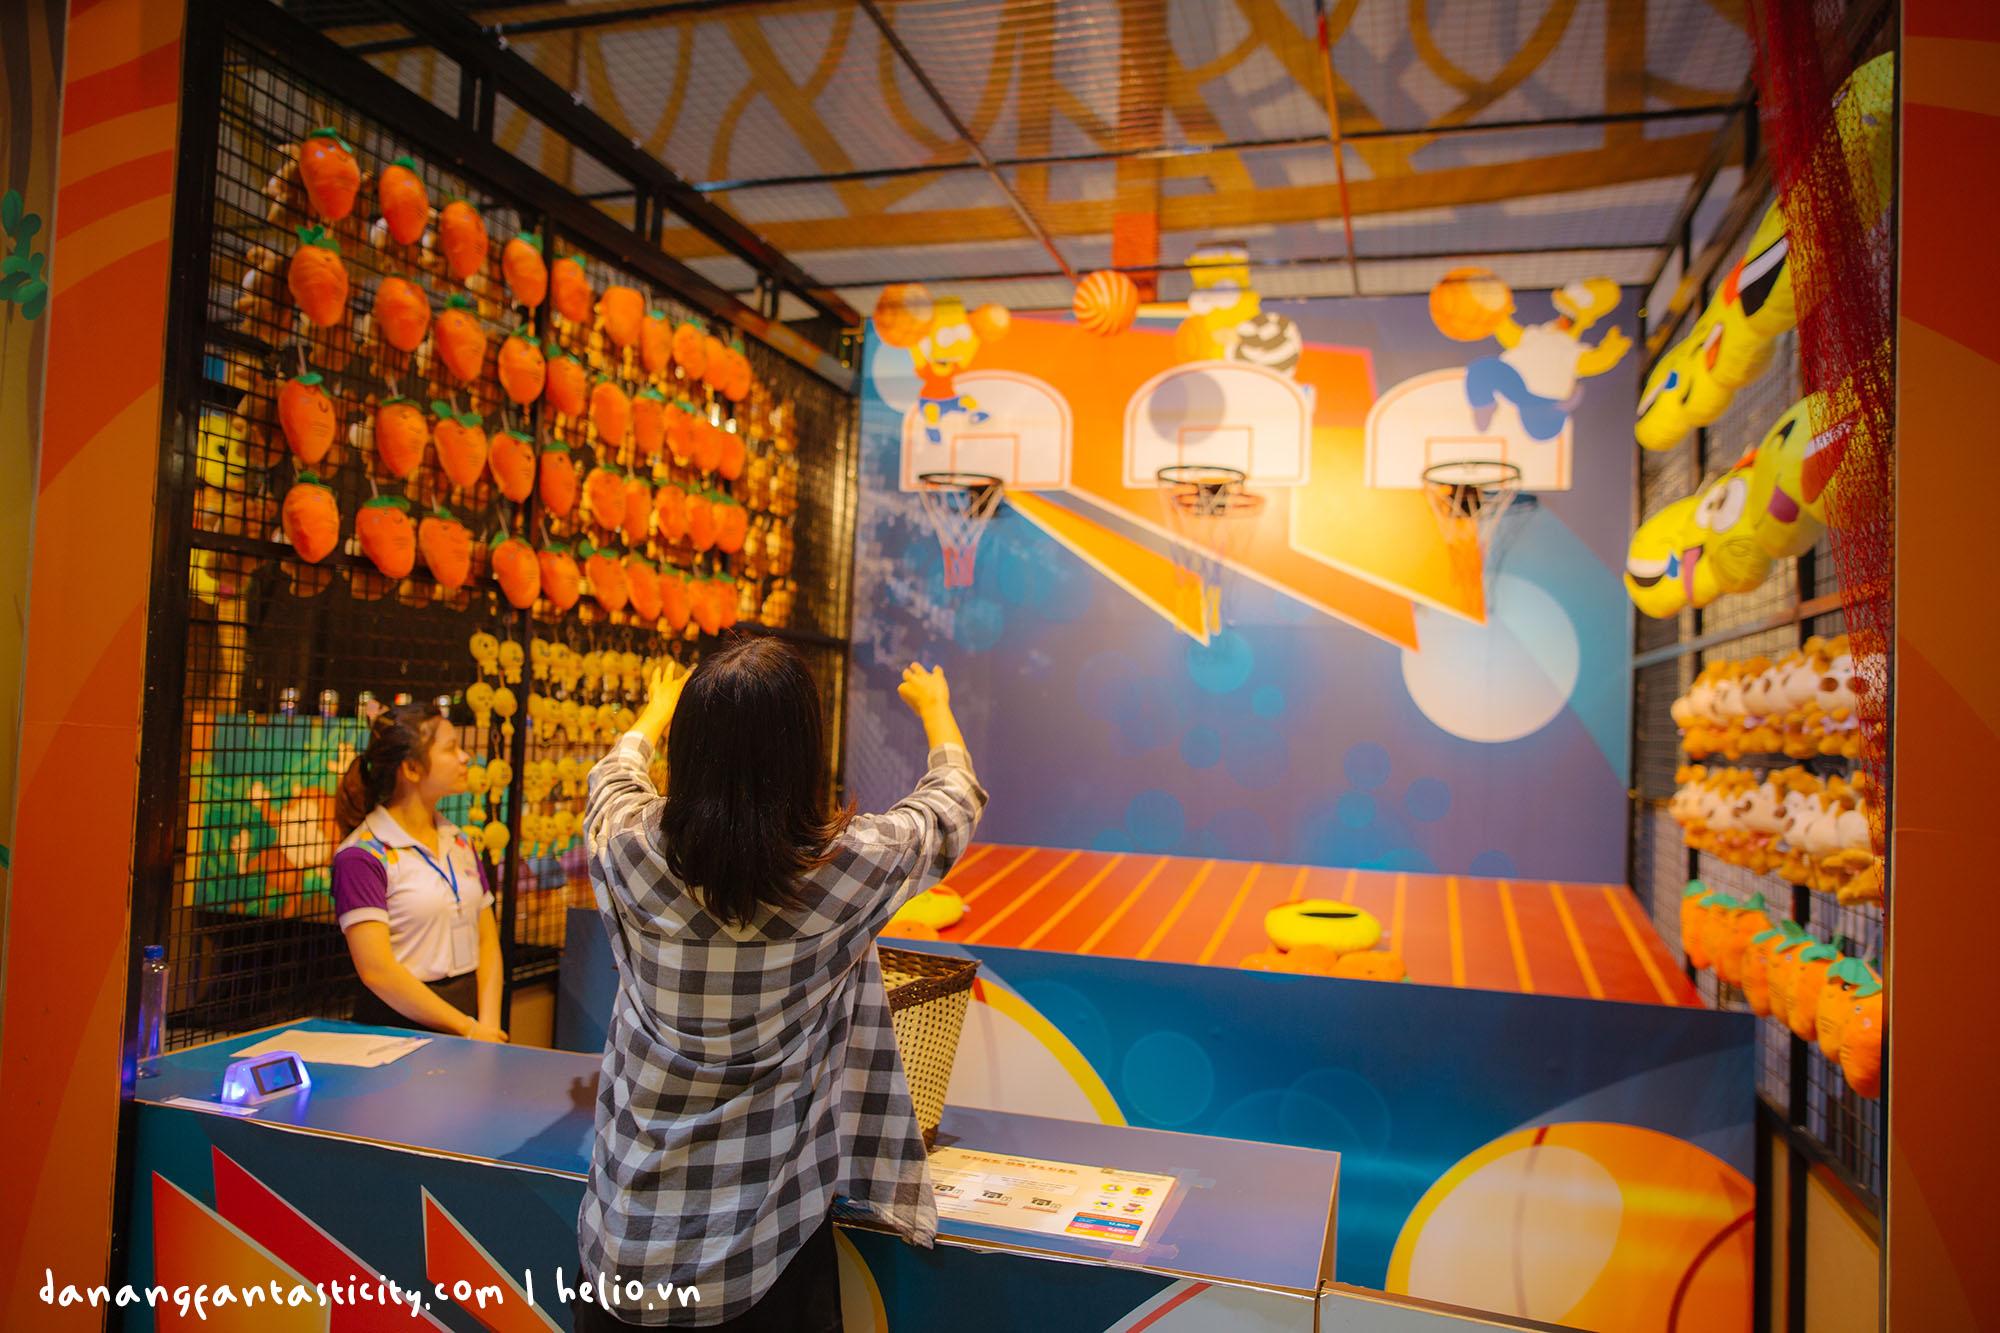 Trai Nghiem Mua He Ruc Ro Cung Helio Summer Festival 2019 Le Hoi He Nao Nhiet Bac Nhat Da Nang Danang Fantasticity Com 017